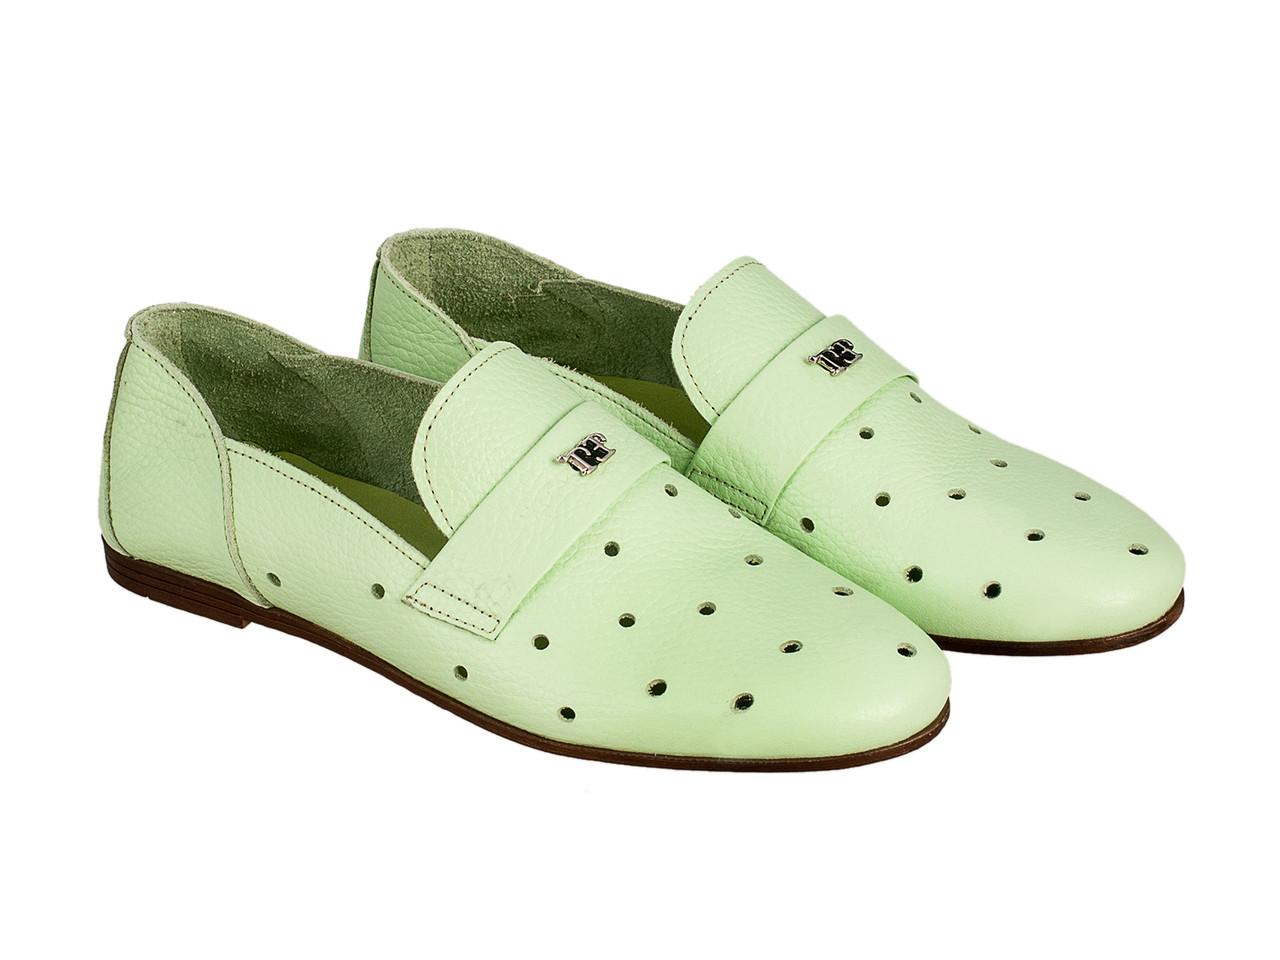 Балетки Etor 6093-7331-4005 36 зеленые